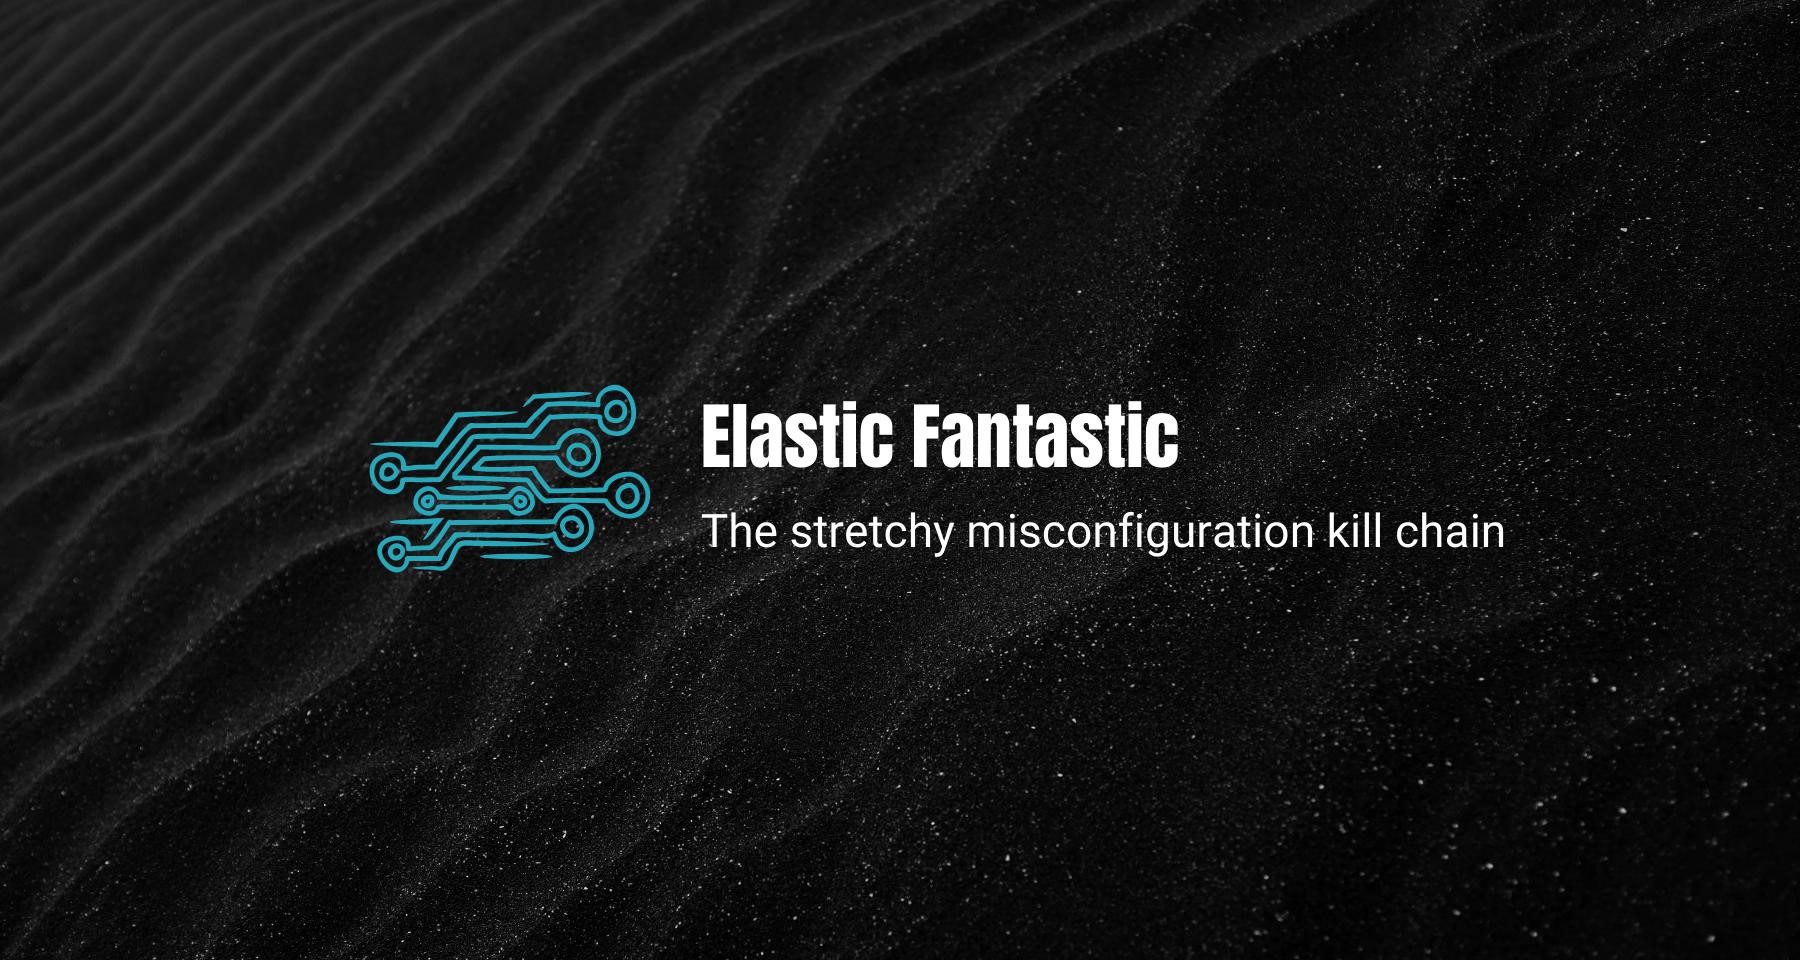 Elastic fantastic